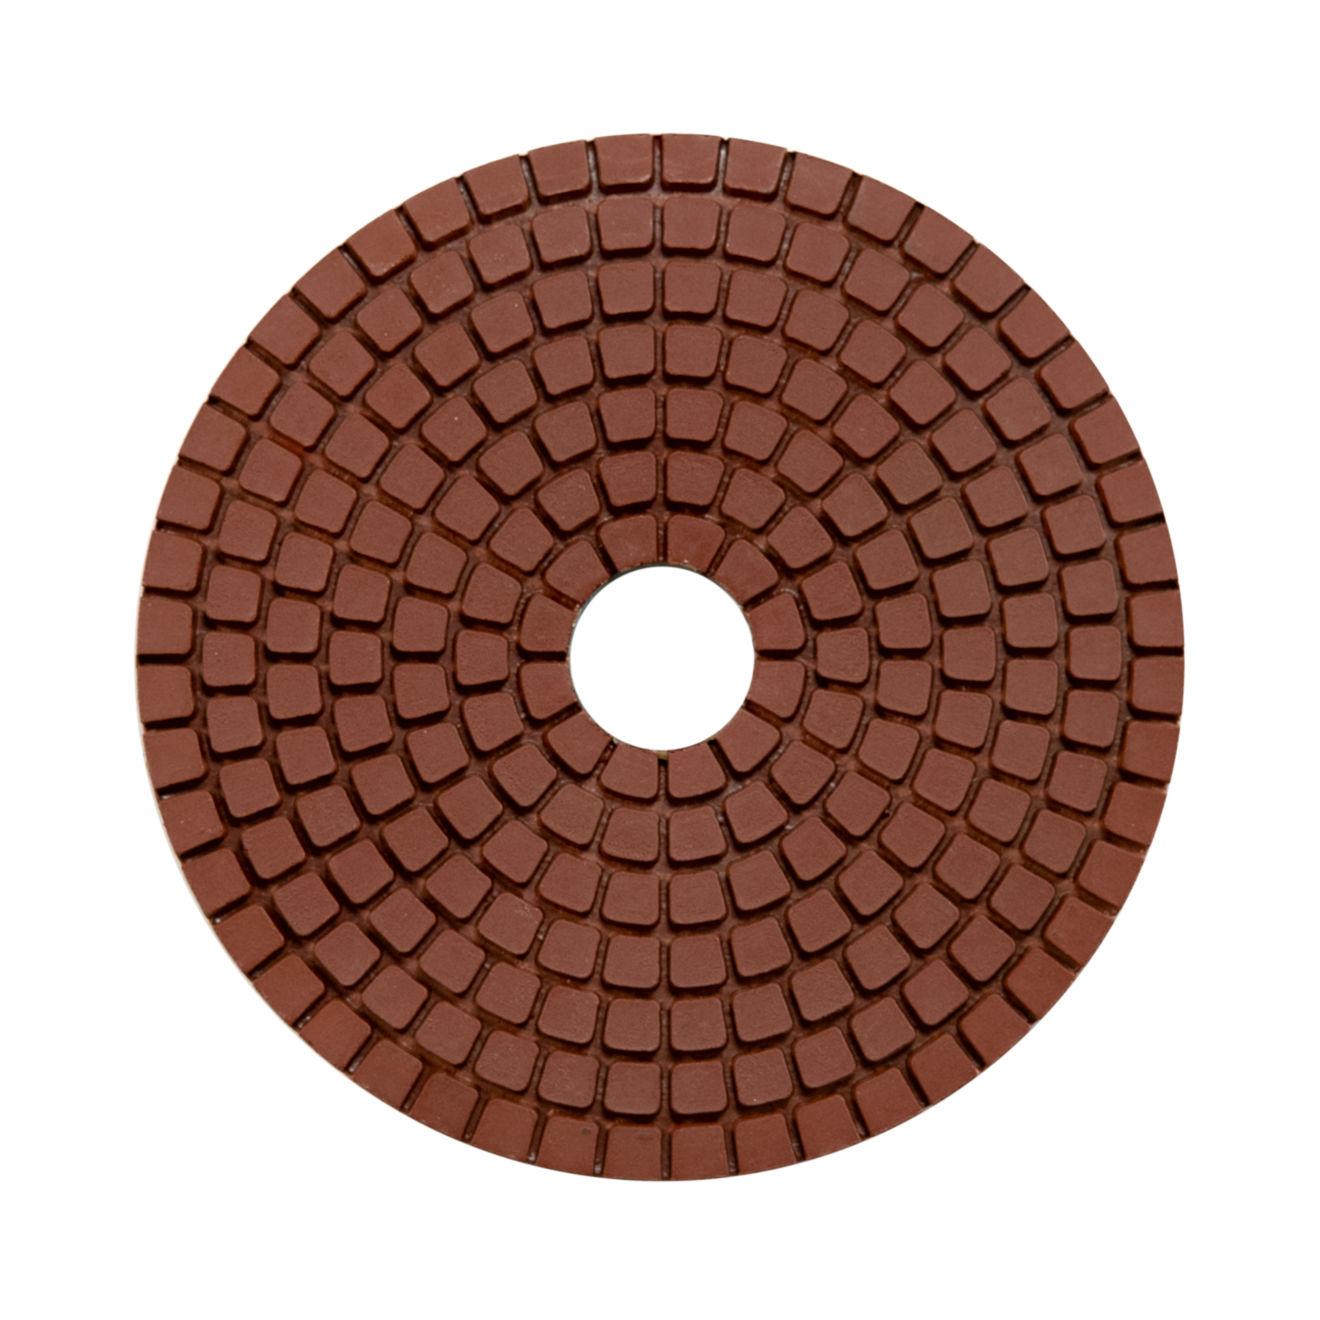 """ODYN General Wet Stone Polishing Pad 4"""" x 5/8"""" - 400 Grit"""